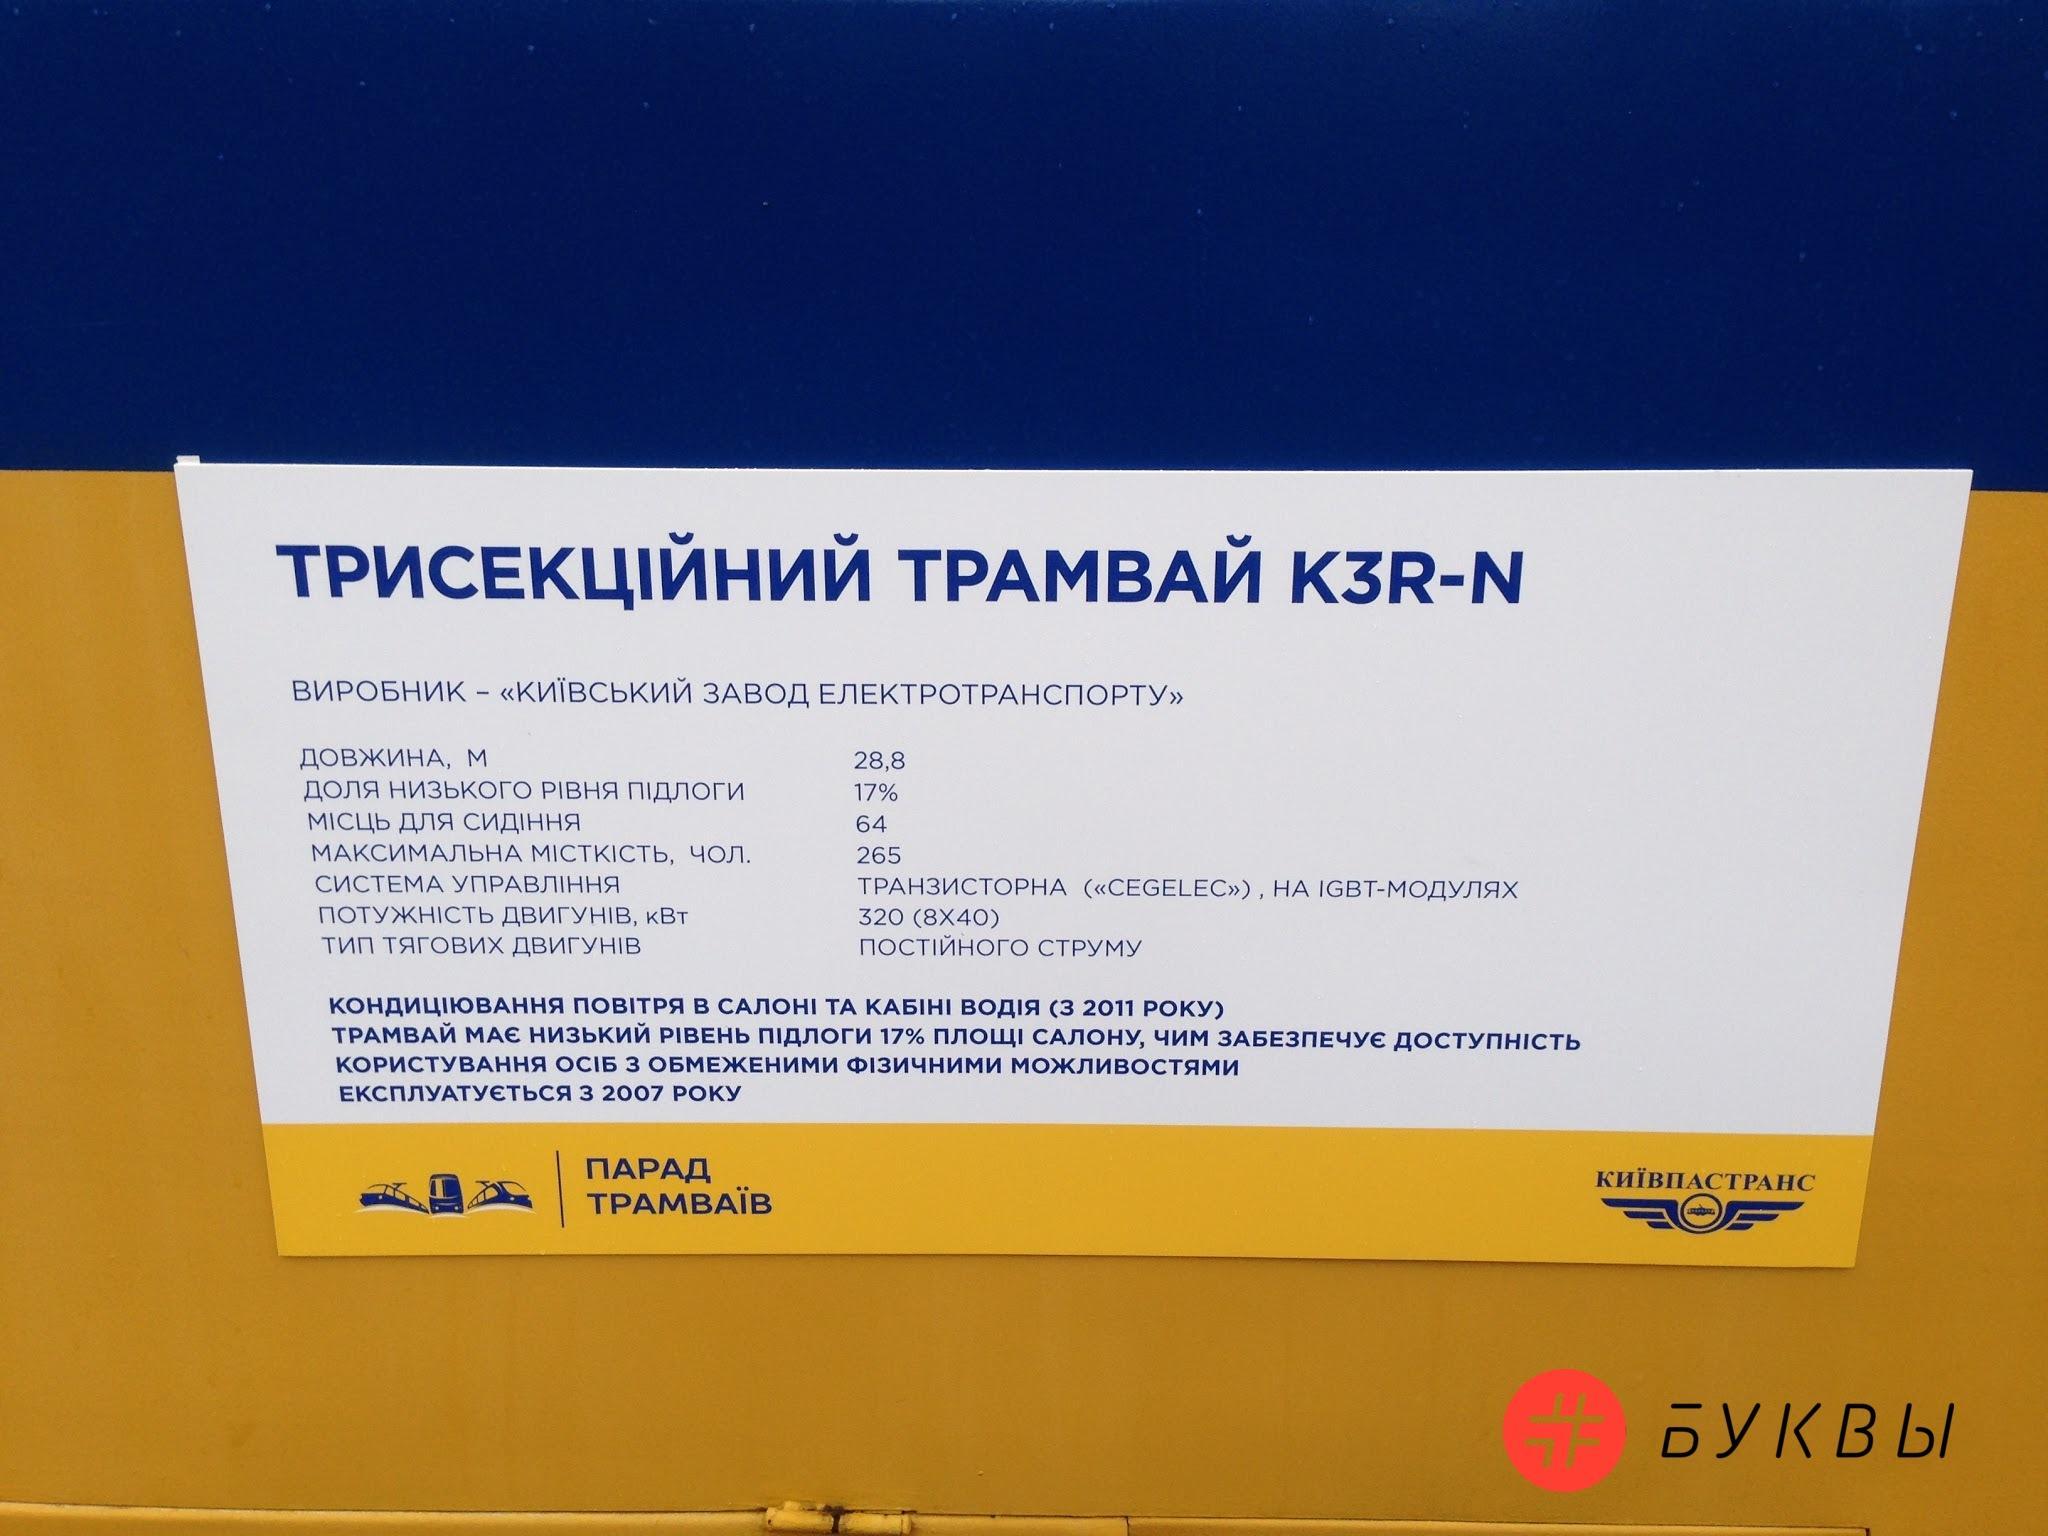 Парад трамваев_13